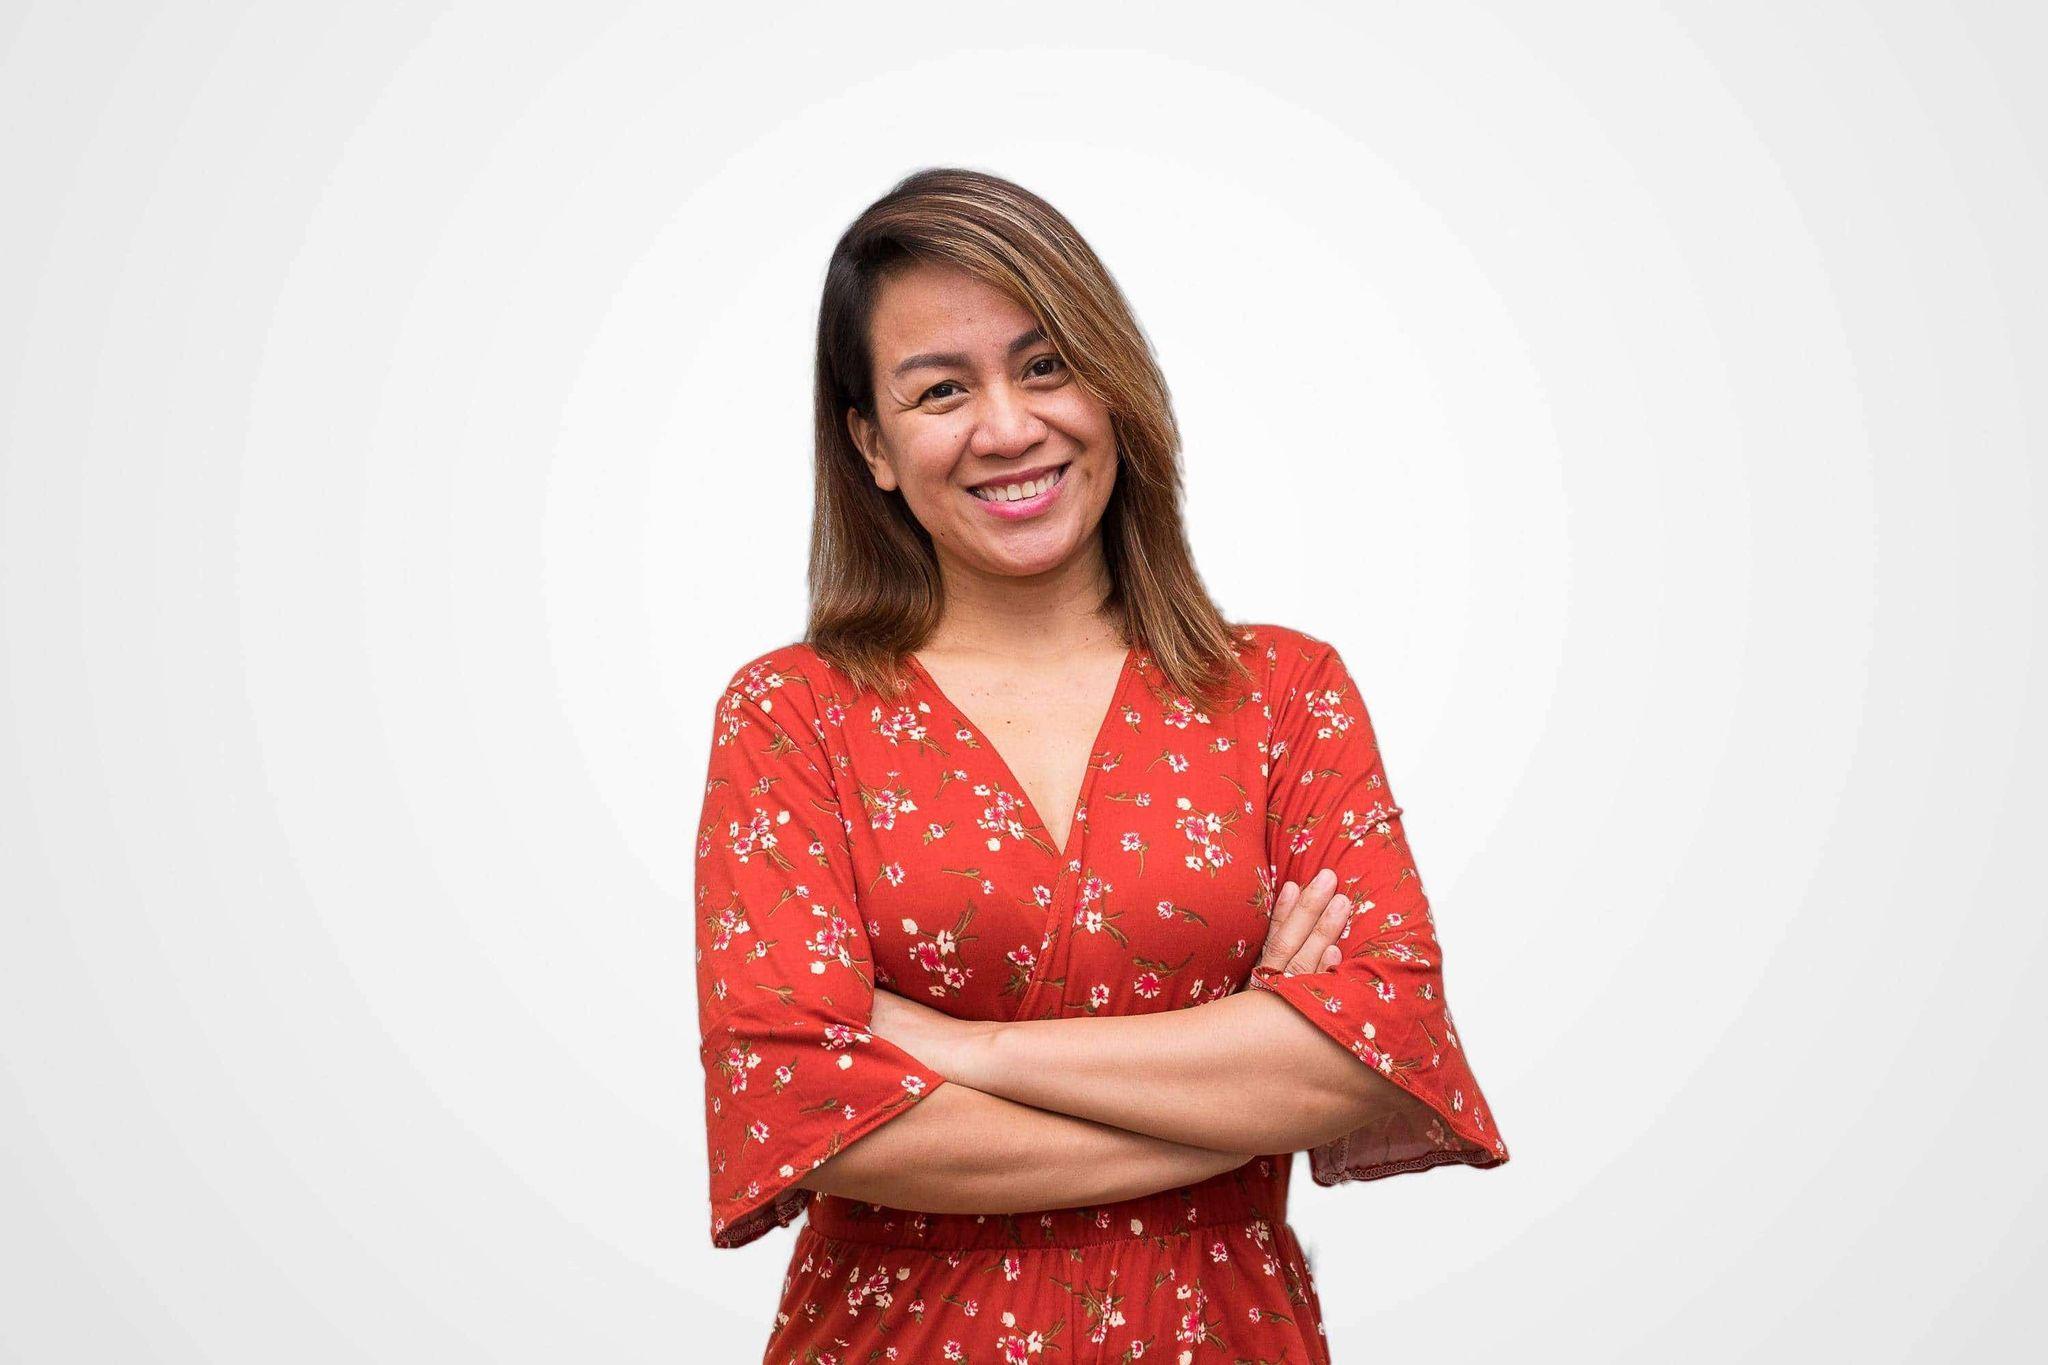 Aya Sharel Ventura